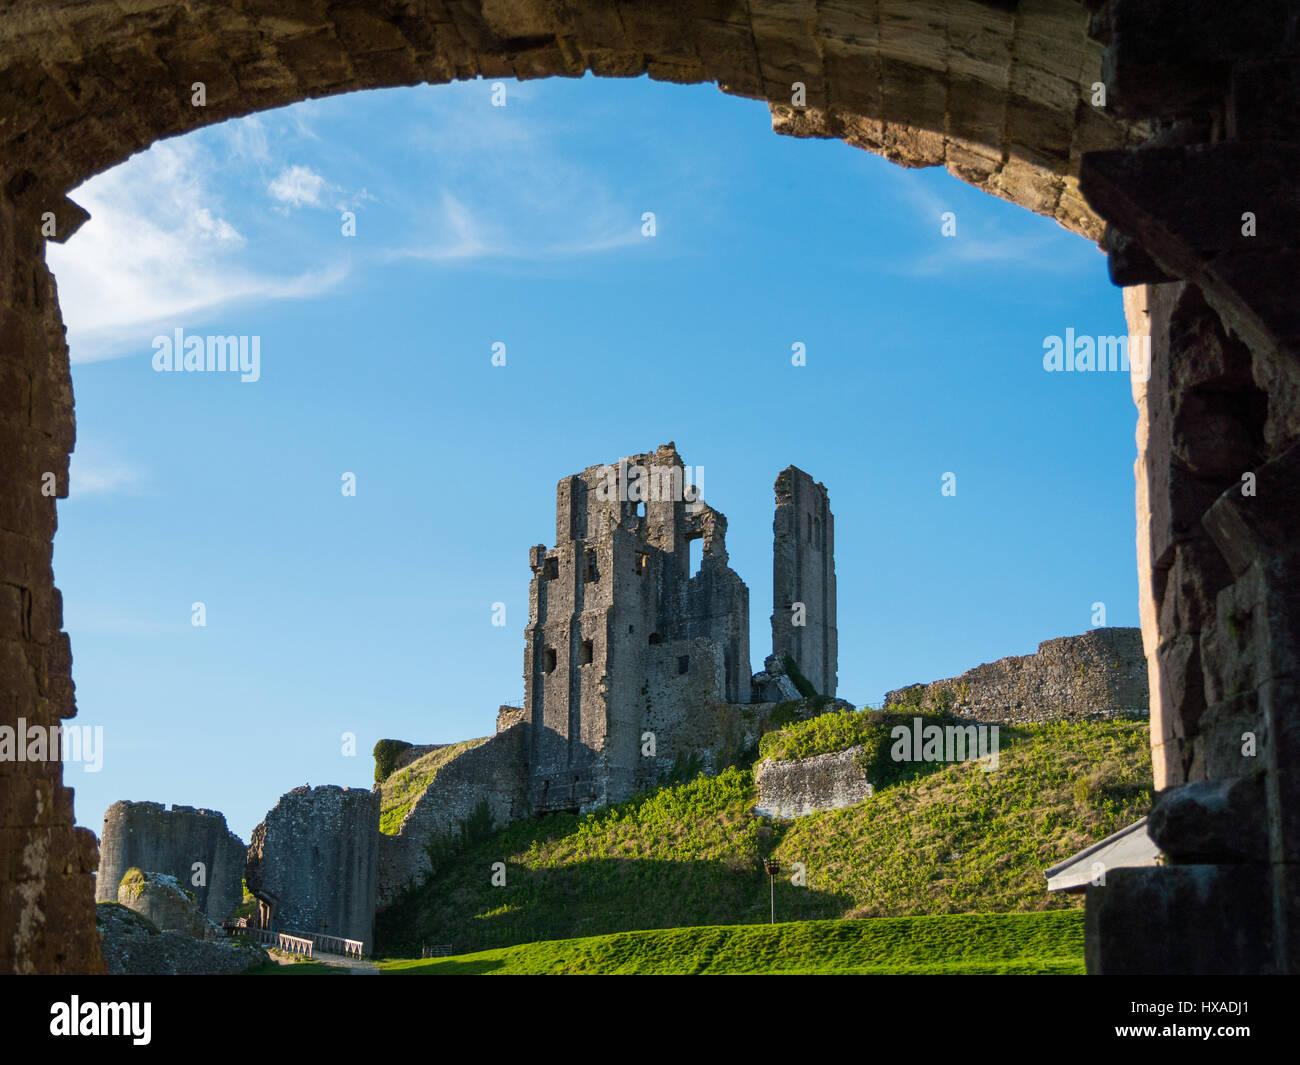 El histórico remainds de Corfe Castle, el castillo Corfe, Isla de Purbeck, Dorset, Reino Unido Imagen De Stock